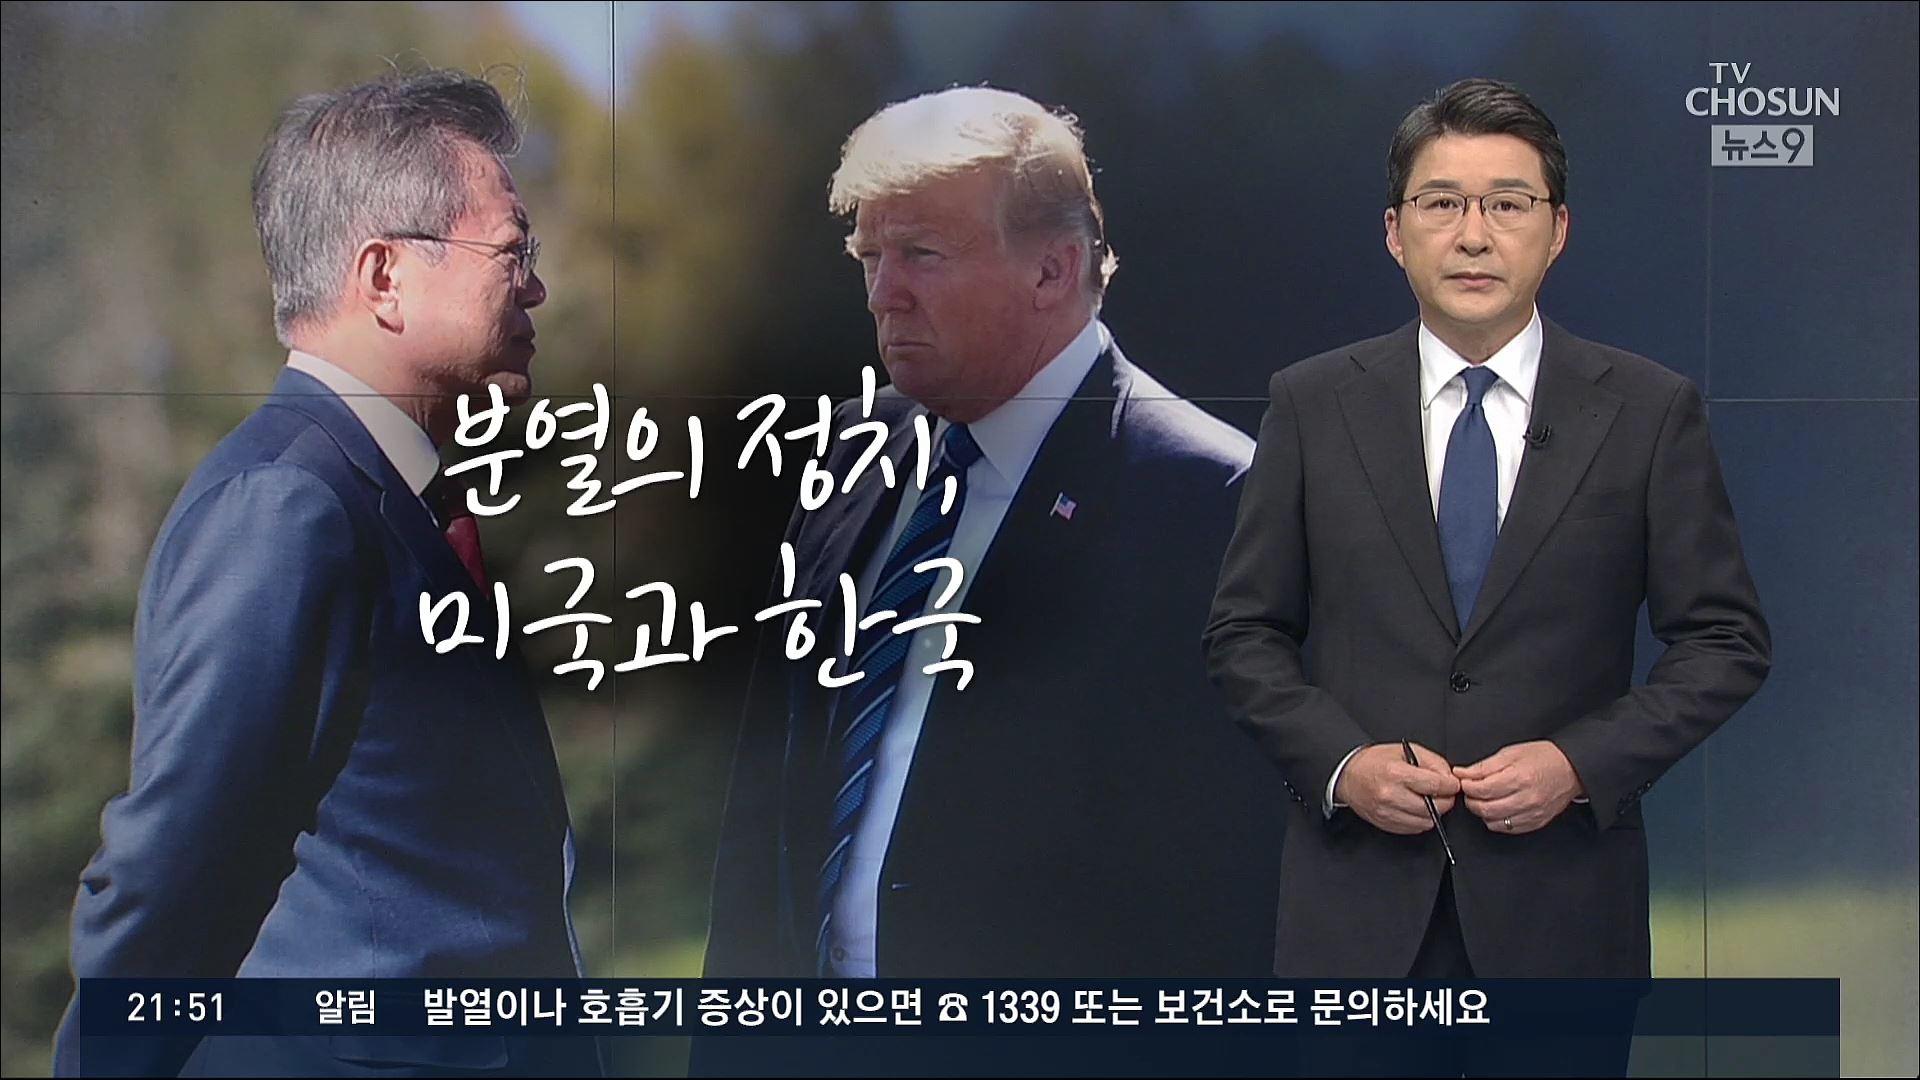 [신동욱 앵커의 시선] 분열의 정치, 미국과 한국